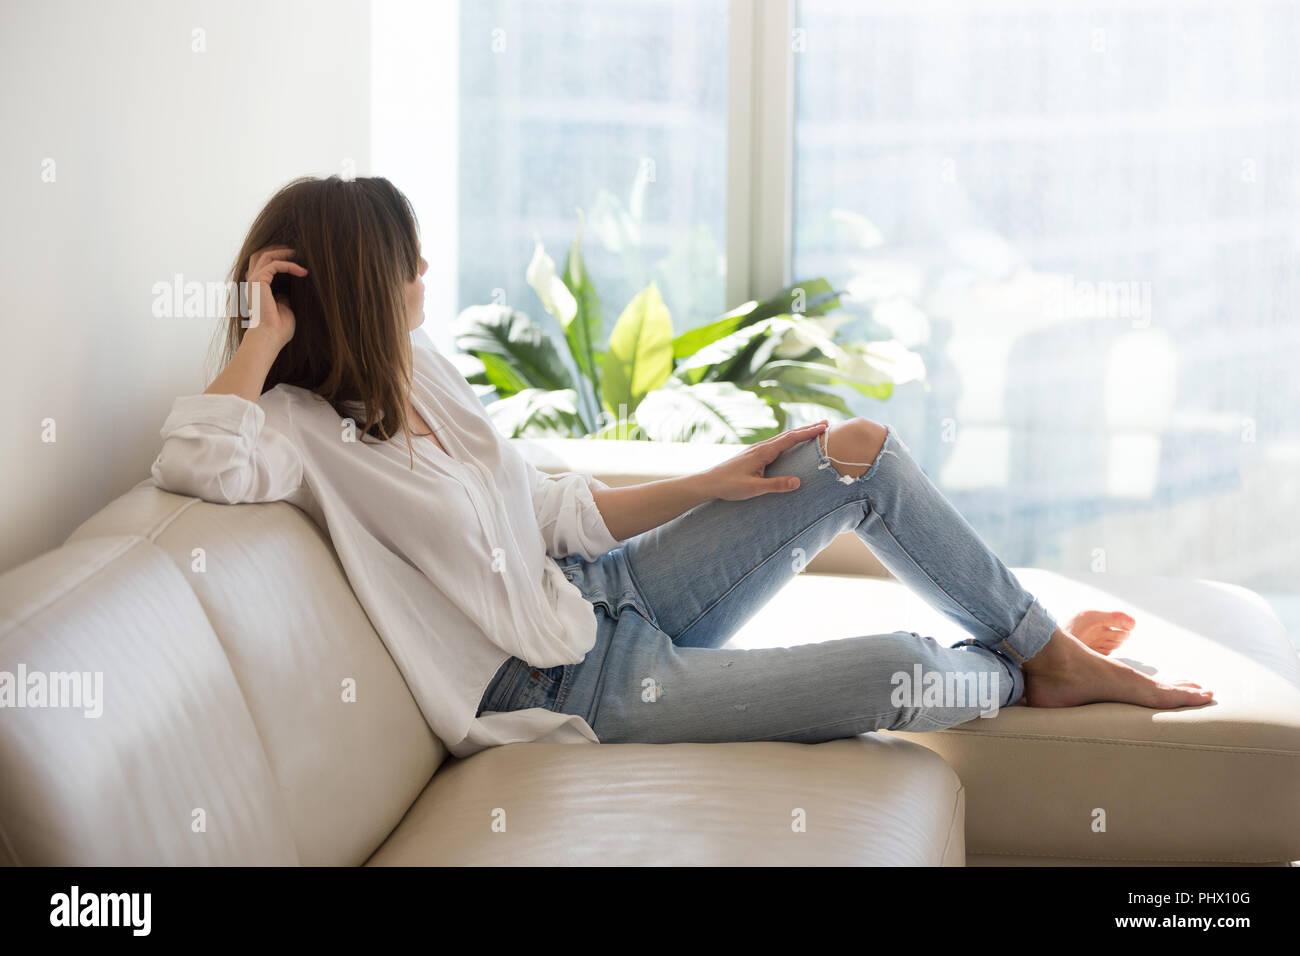 Rilassata premurosa donna godendo benessere sognando di lusso a L Immagini Stock